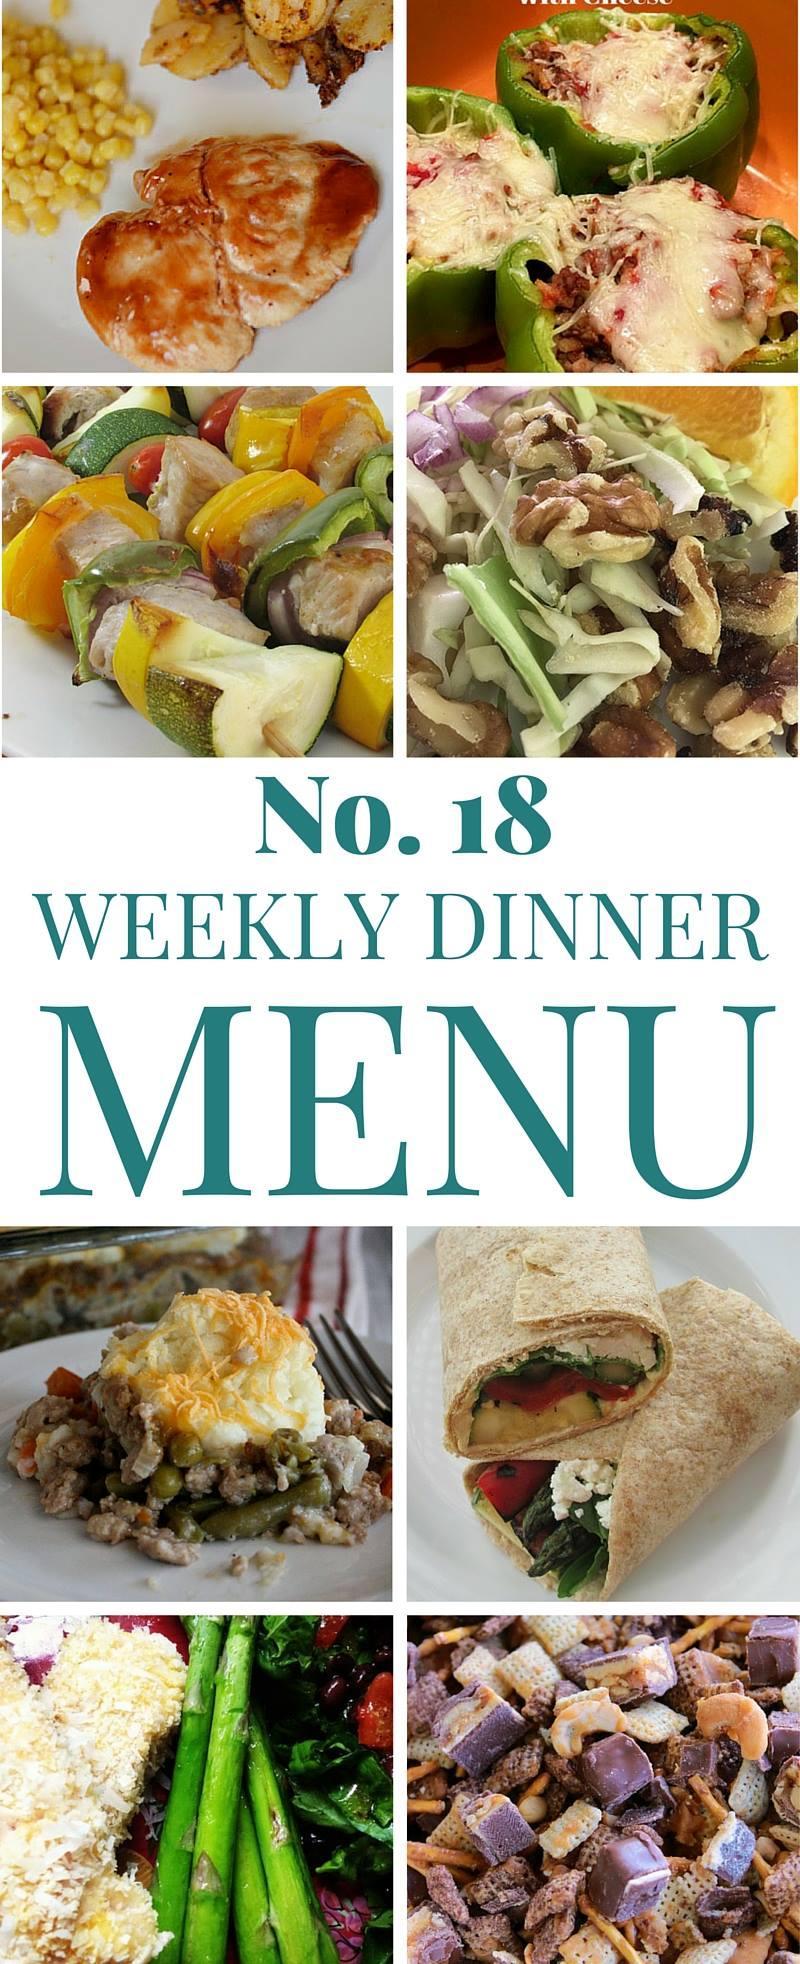 Weekly Dinner Menu Ideas